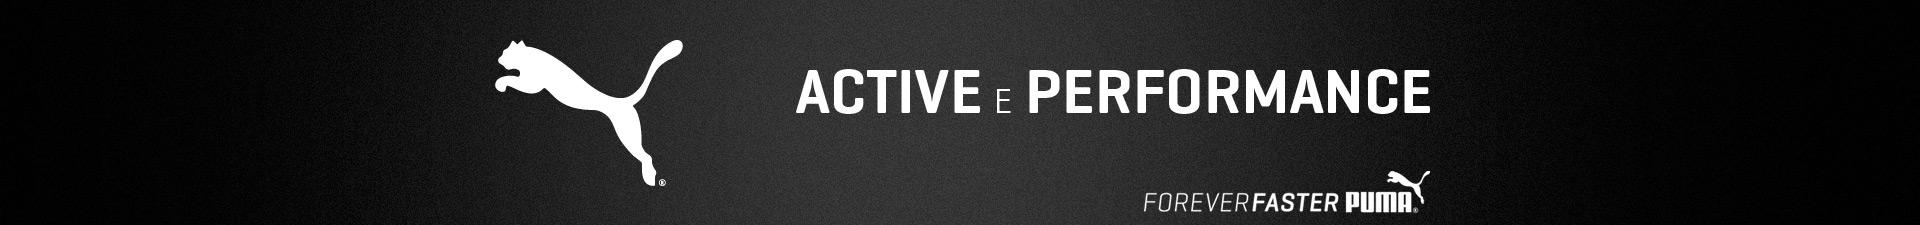 Categoria Active e Perfonance